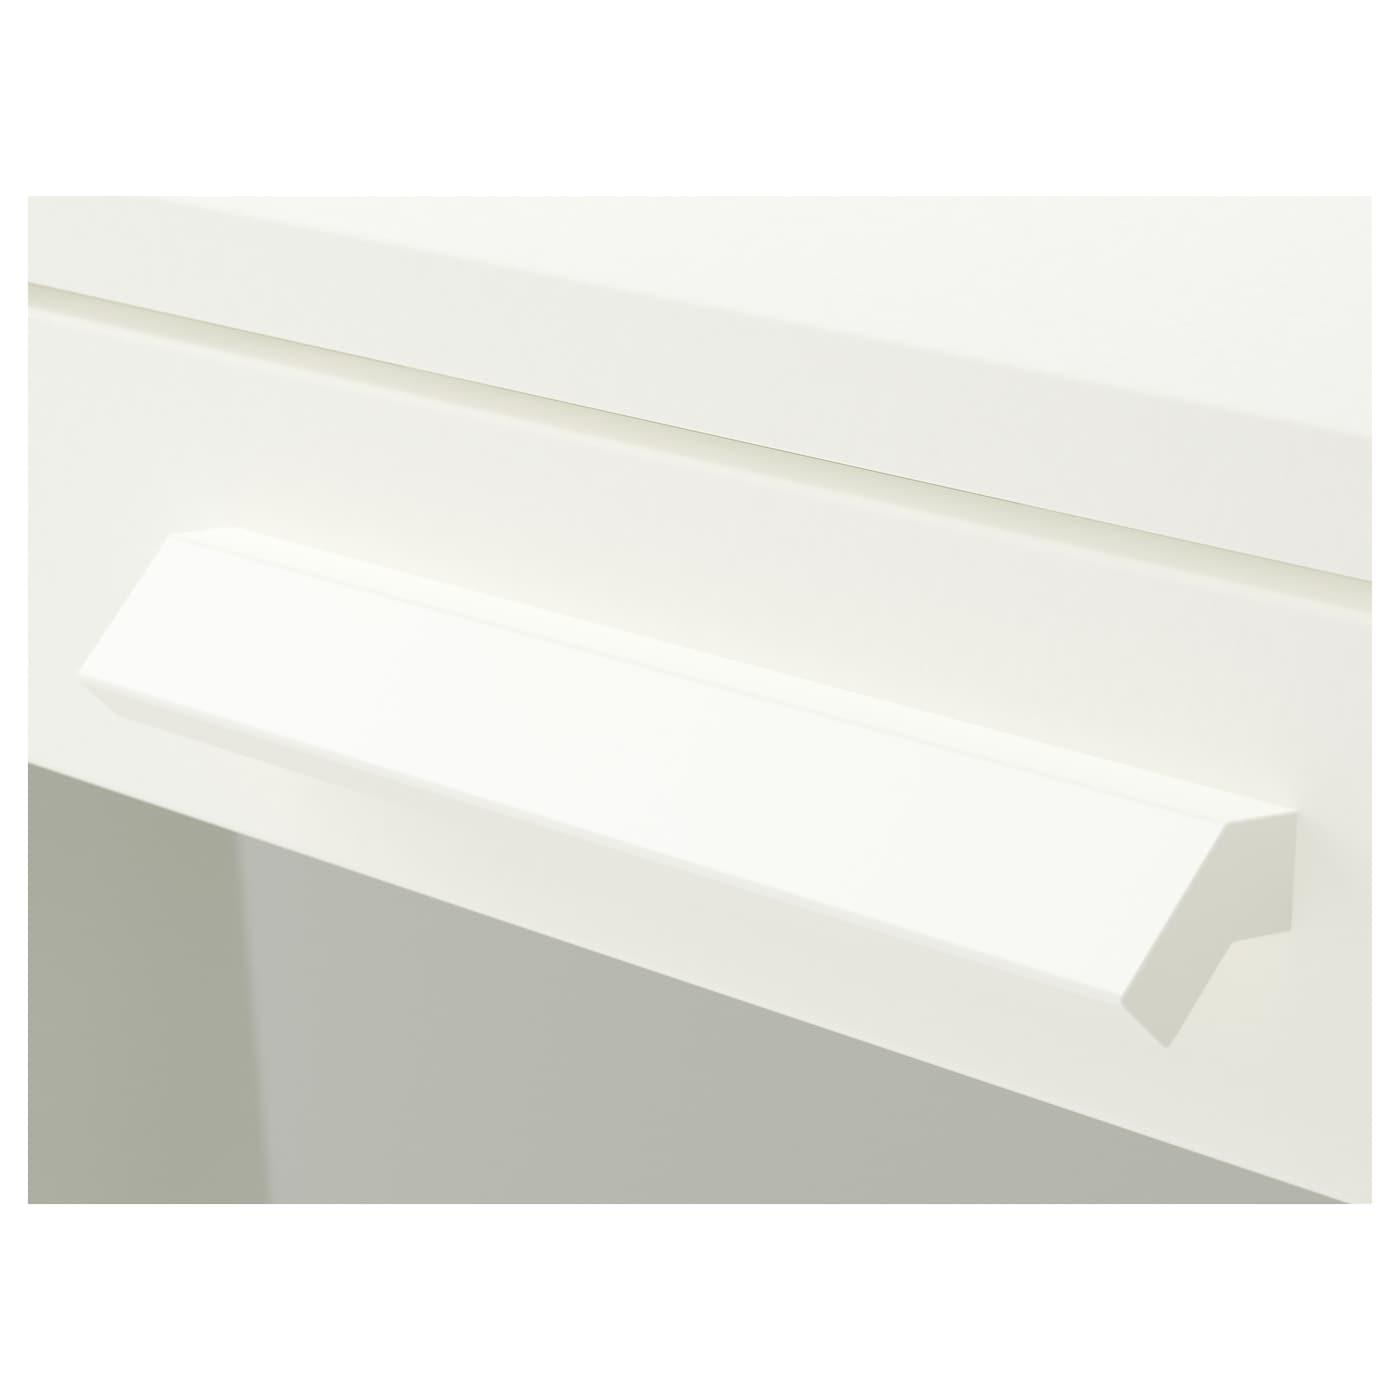 БРИМНЭС-4 Комод с 3 ящиками, белый, матовое стекло, 78x95 см